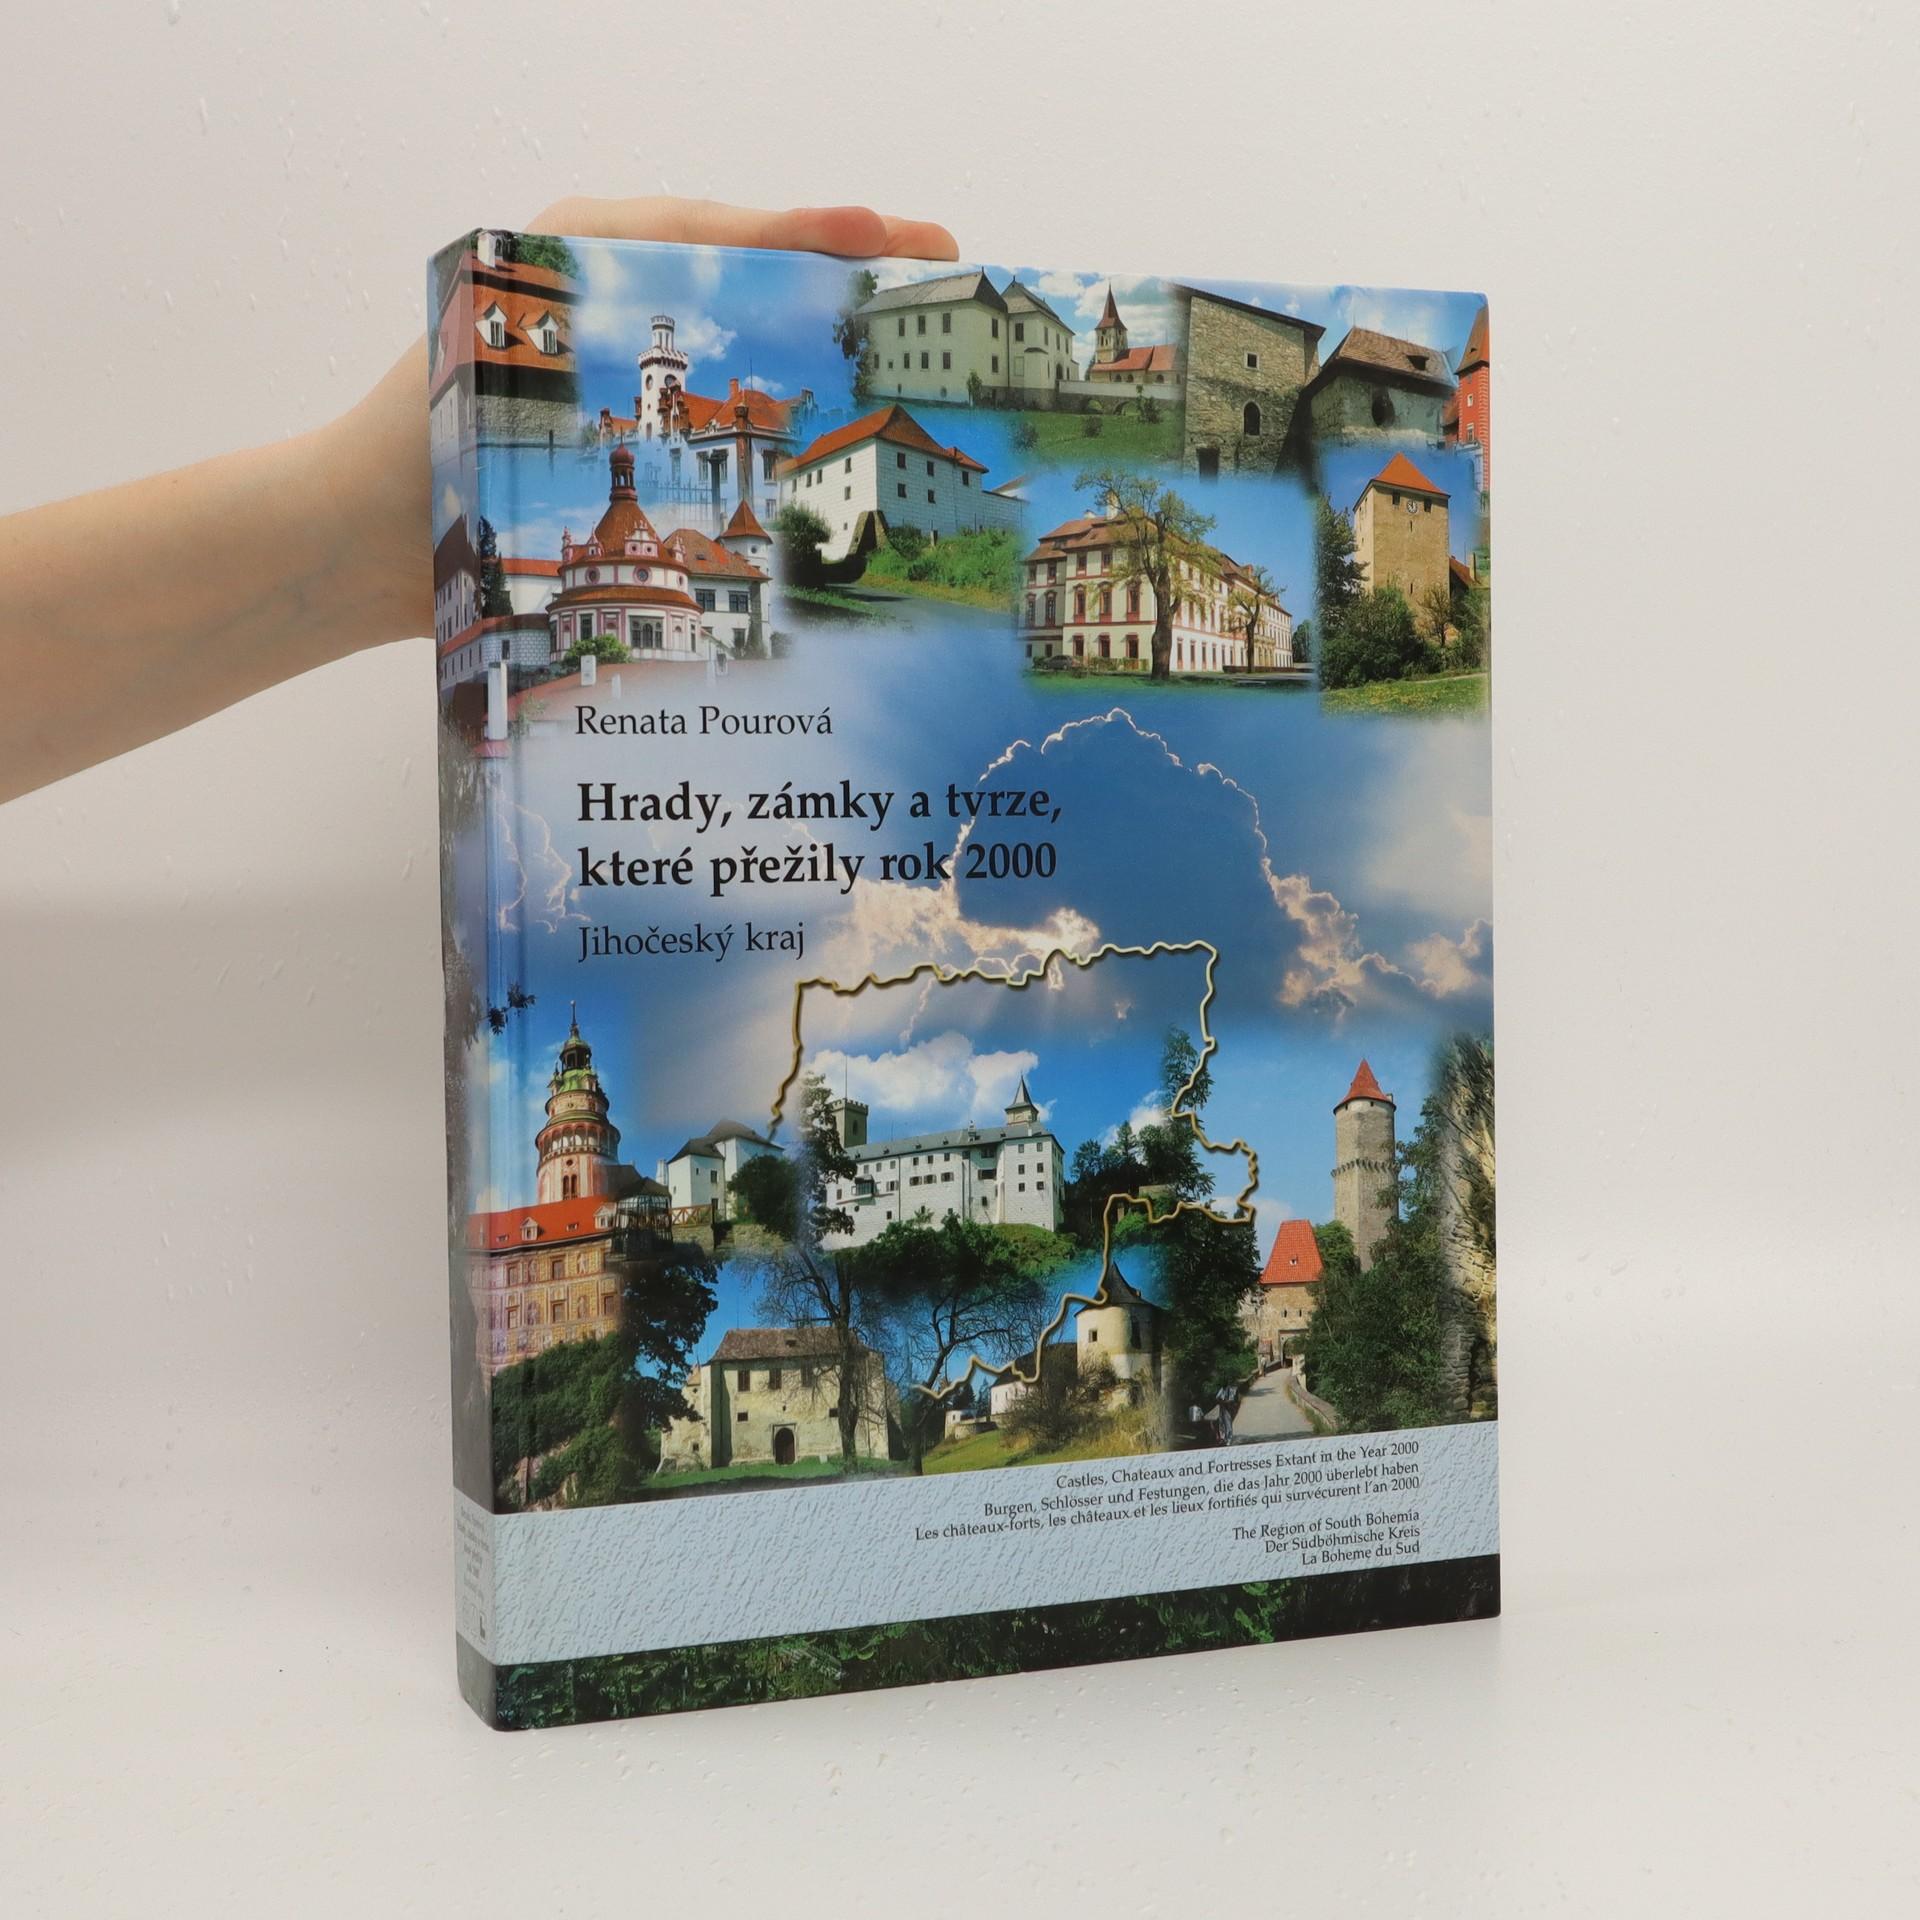 antikvární kniha Hrady, zámky a tvrze, které přežily rok 2000. Jihočeský kraj (včetně mapy), 2006